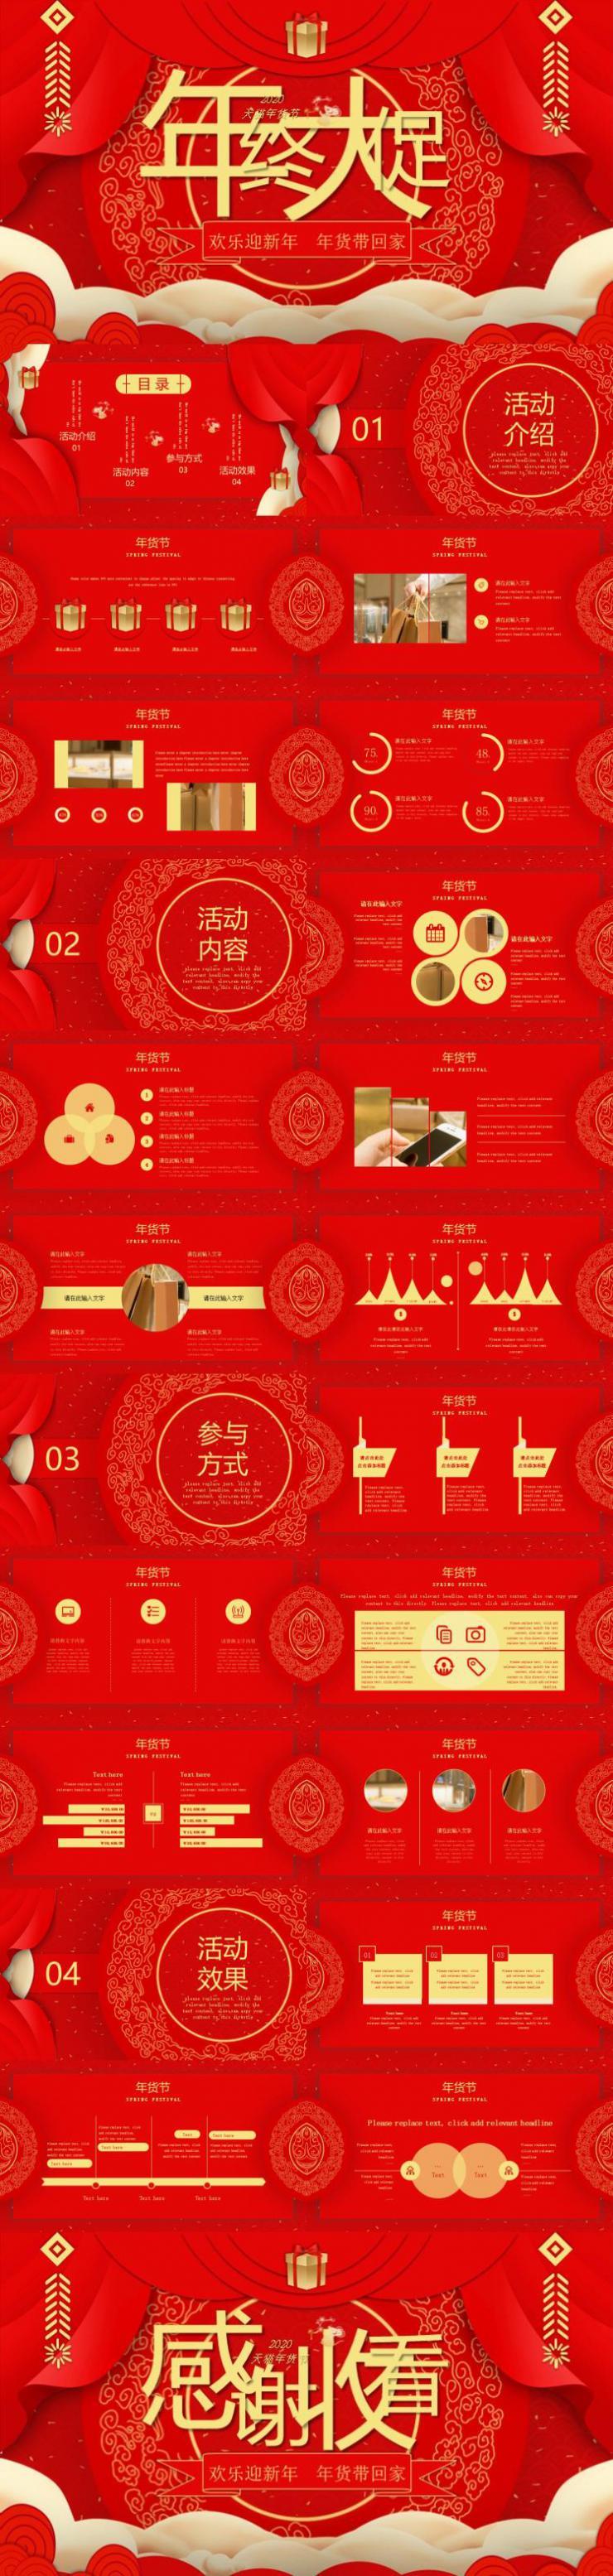 天猫年货节年终促销活动宣传模板